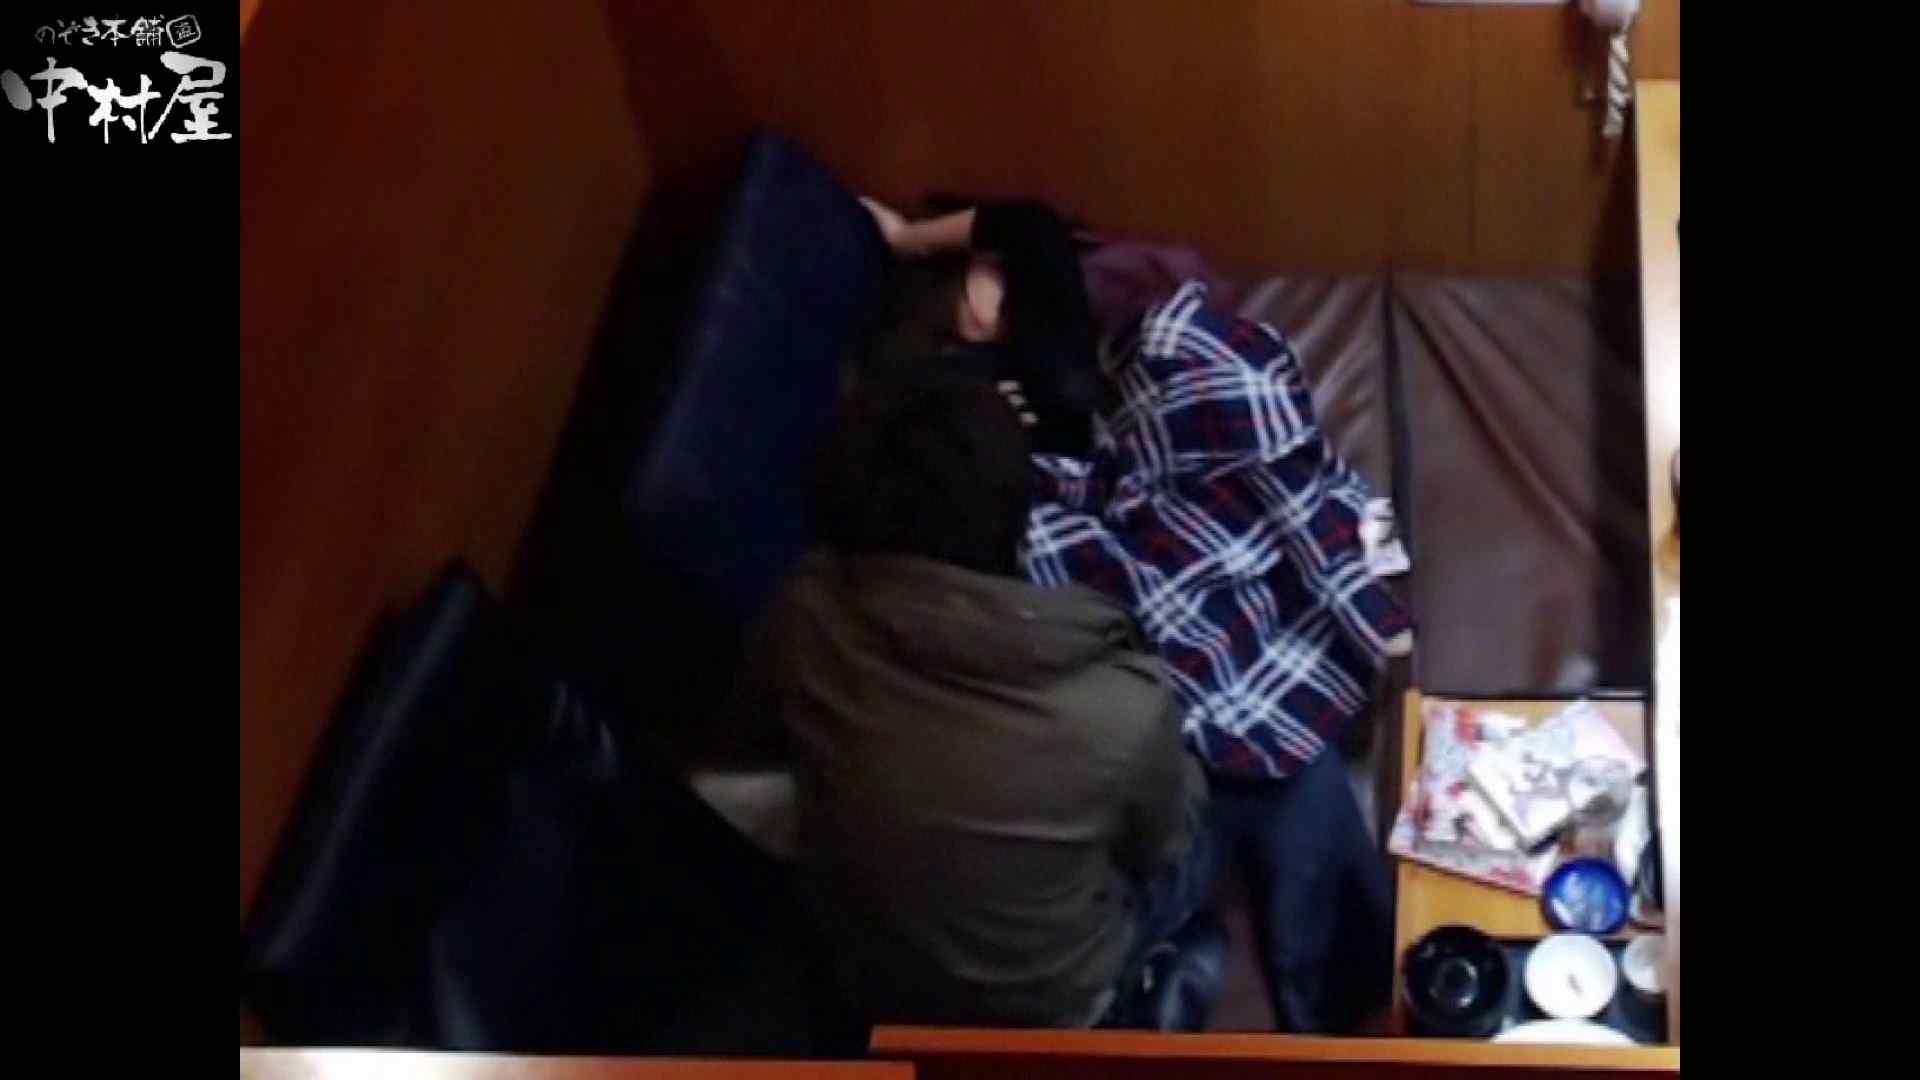 ネットカフェ盗撮師トロントさんの 素人カップル盗撮記vol.4 エッチな盗撮 オメコ動画キャプチャ 87pic 75